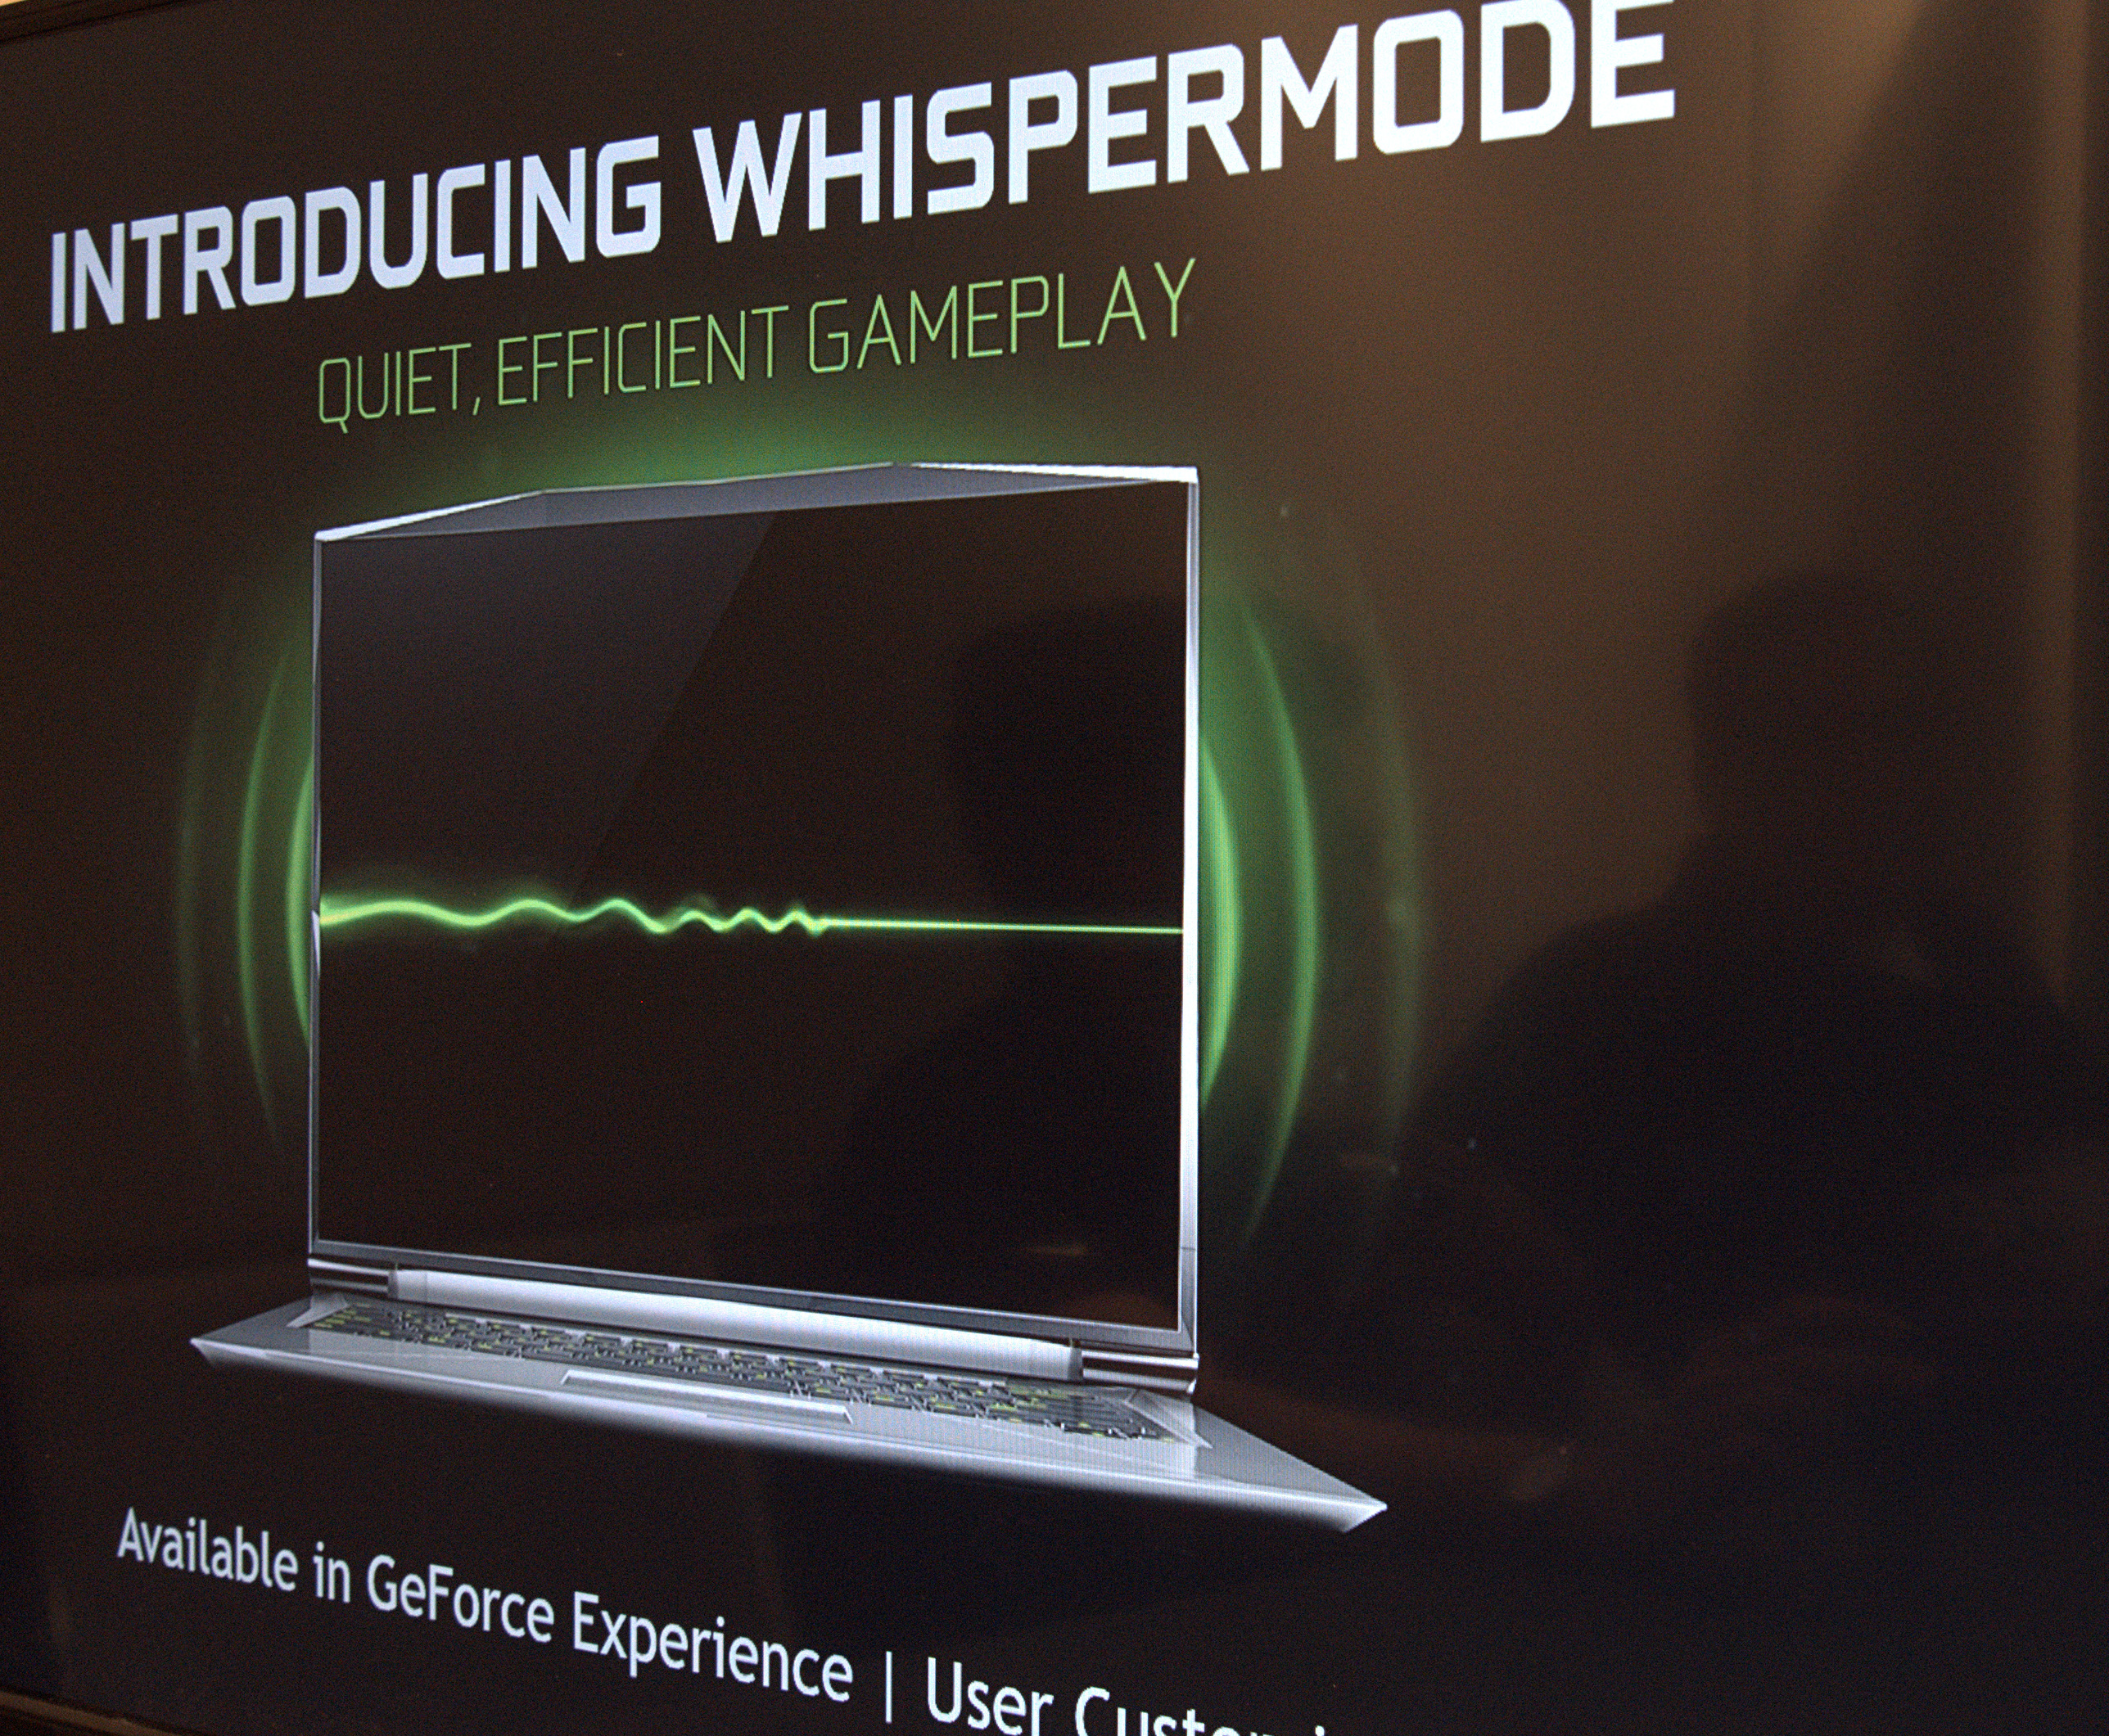 Nvidia: Max-Q und Whisper Mode machen Notebooks leiser - Er setzt die Geforce Experience voraus. (Foto: Marc Sauter/Golem.de)